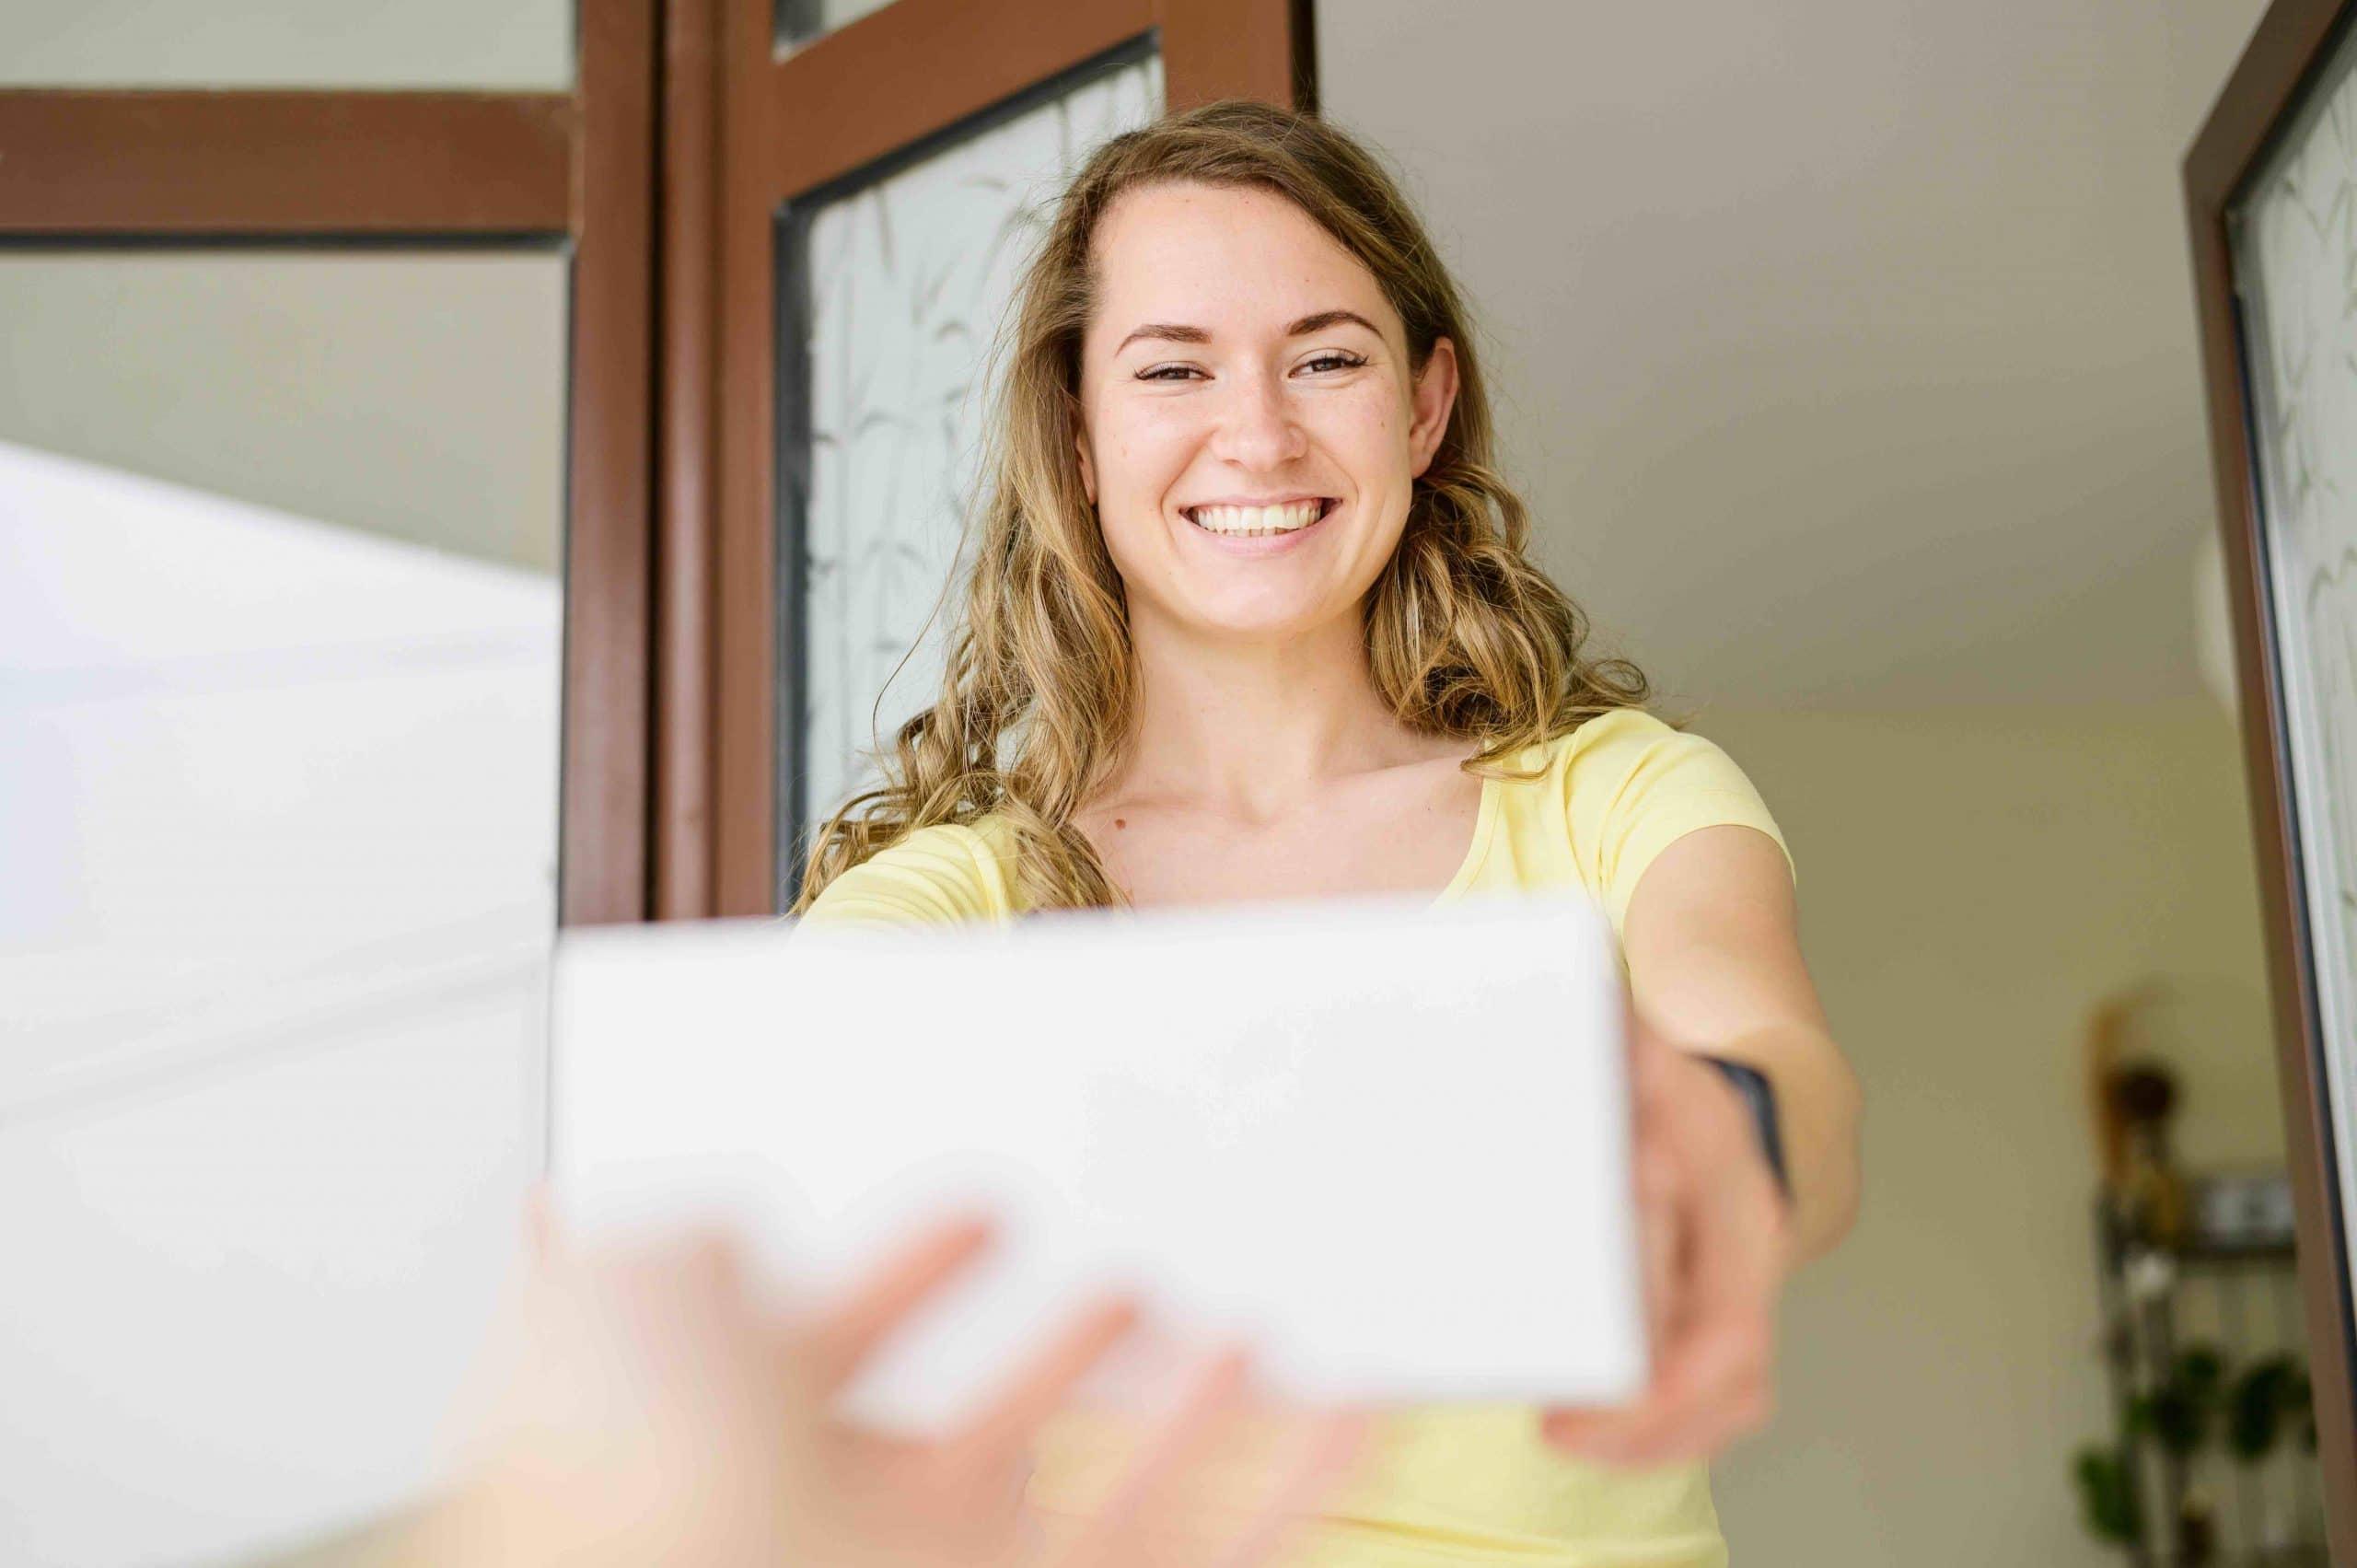 mujer feliz recibiendo paquete